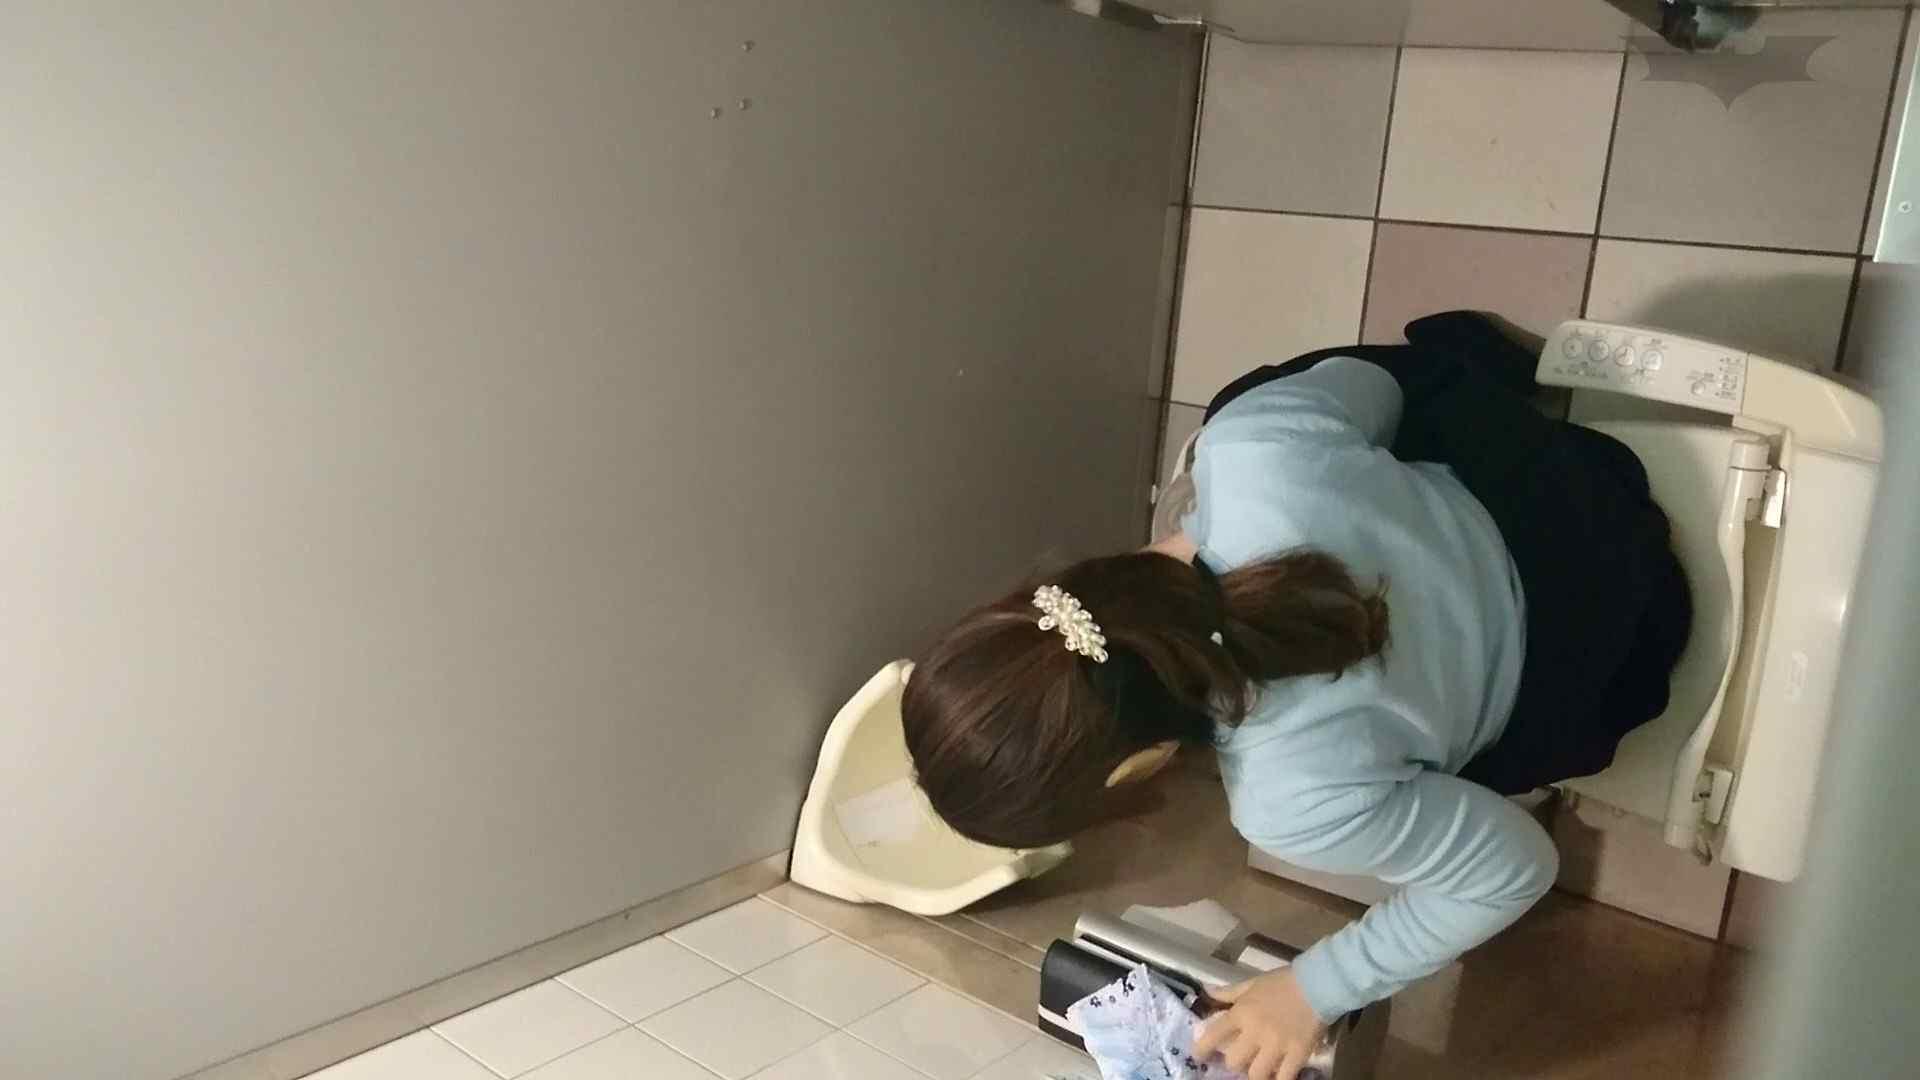 化粧室絵巻 ショッピングモール編 VOL.13 高評価 オメコ動画キャプチャ 89画像 55